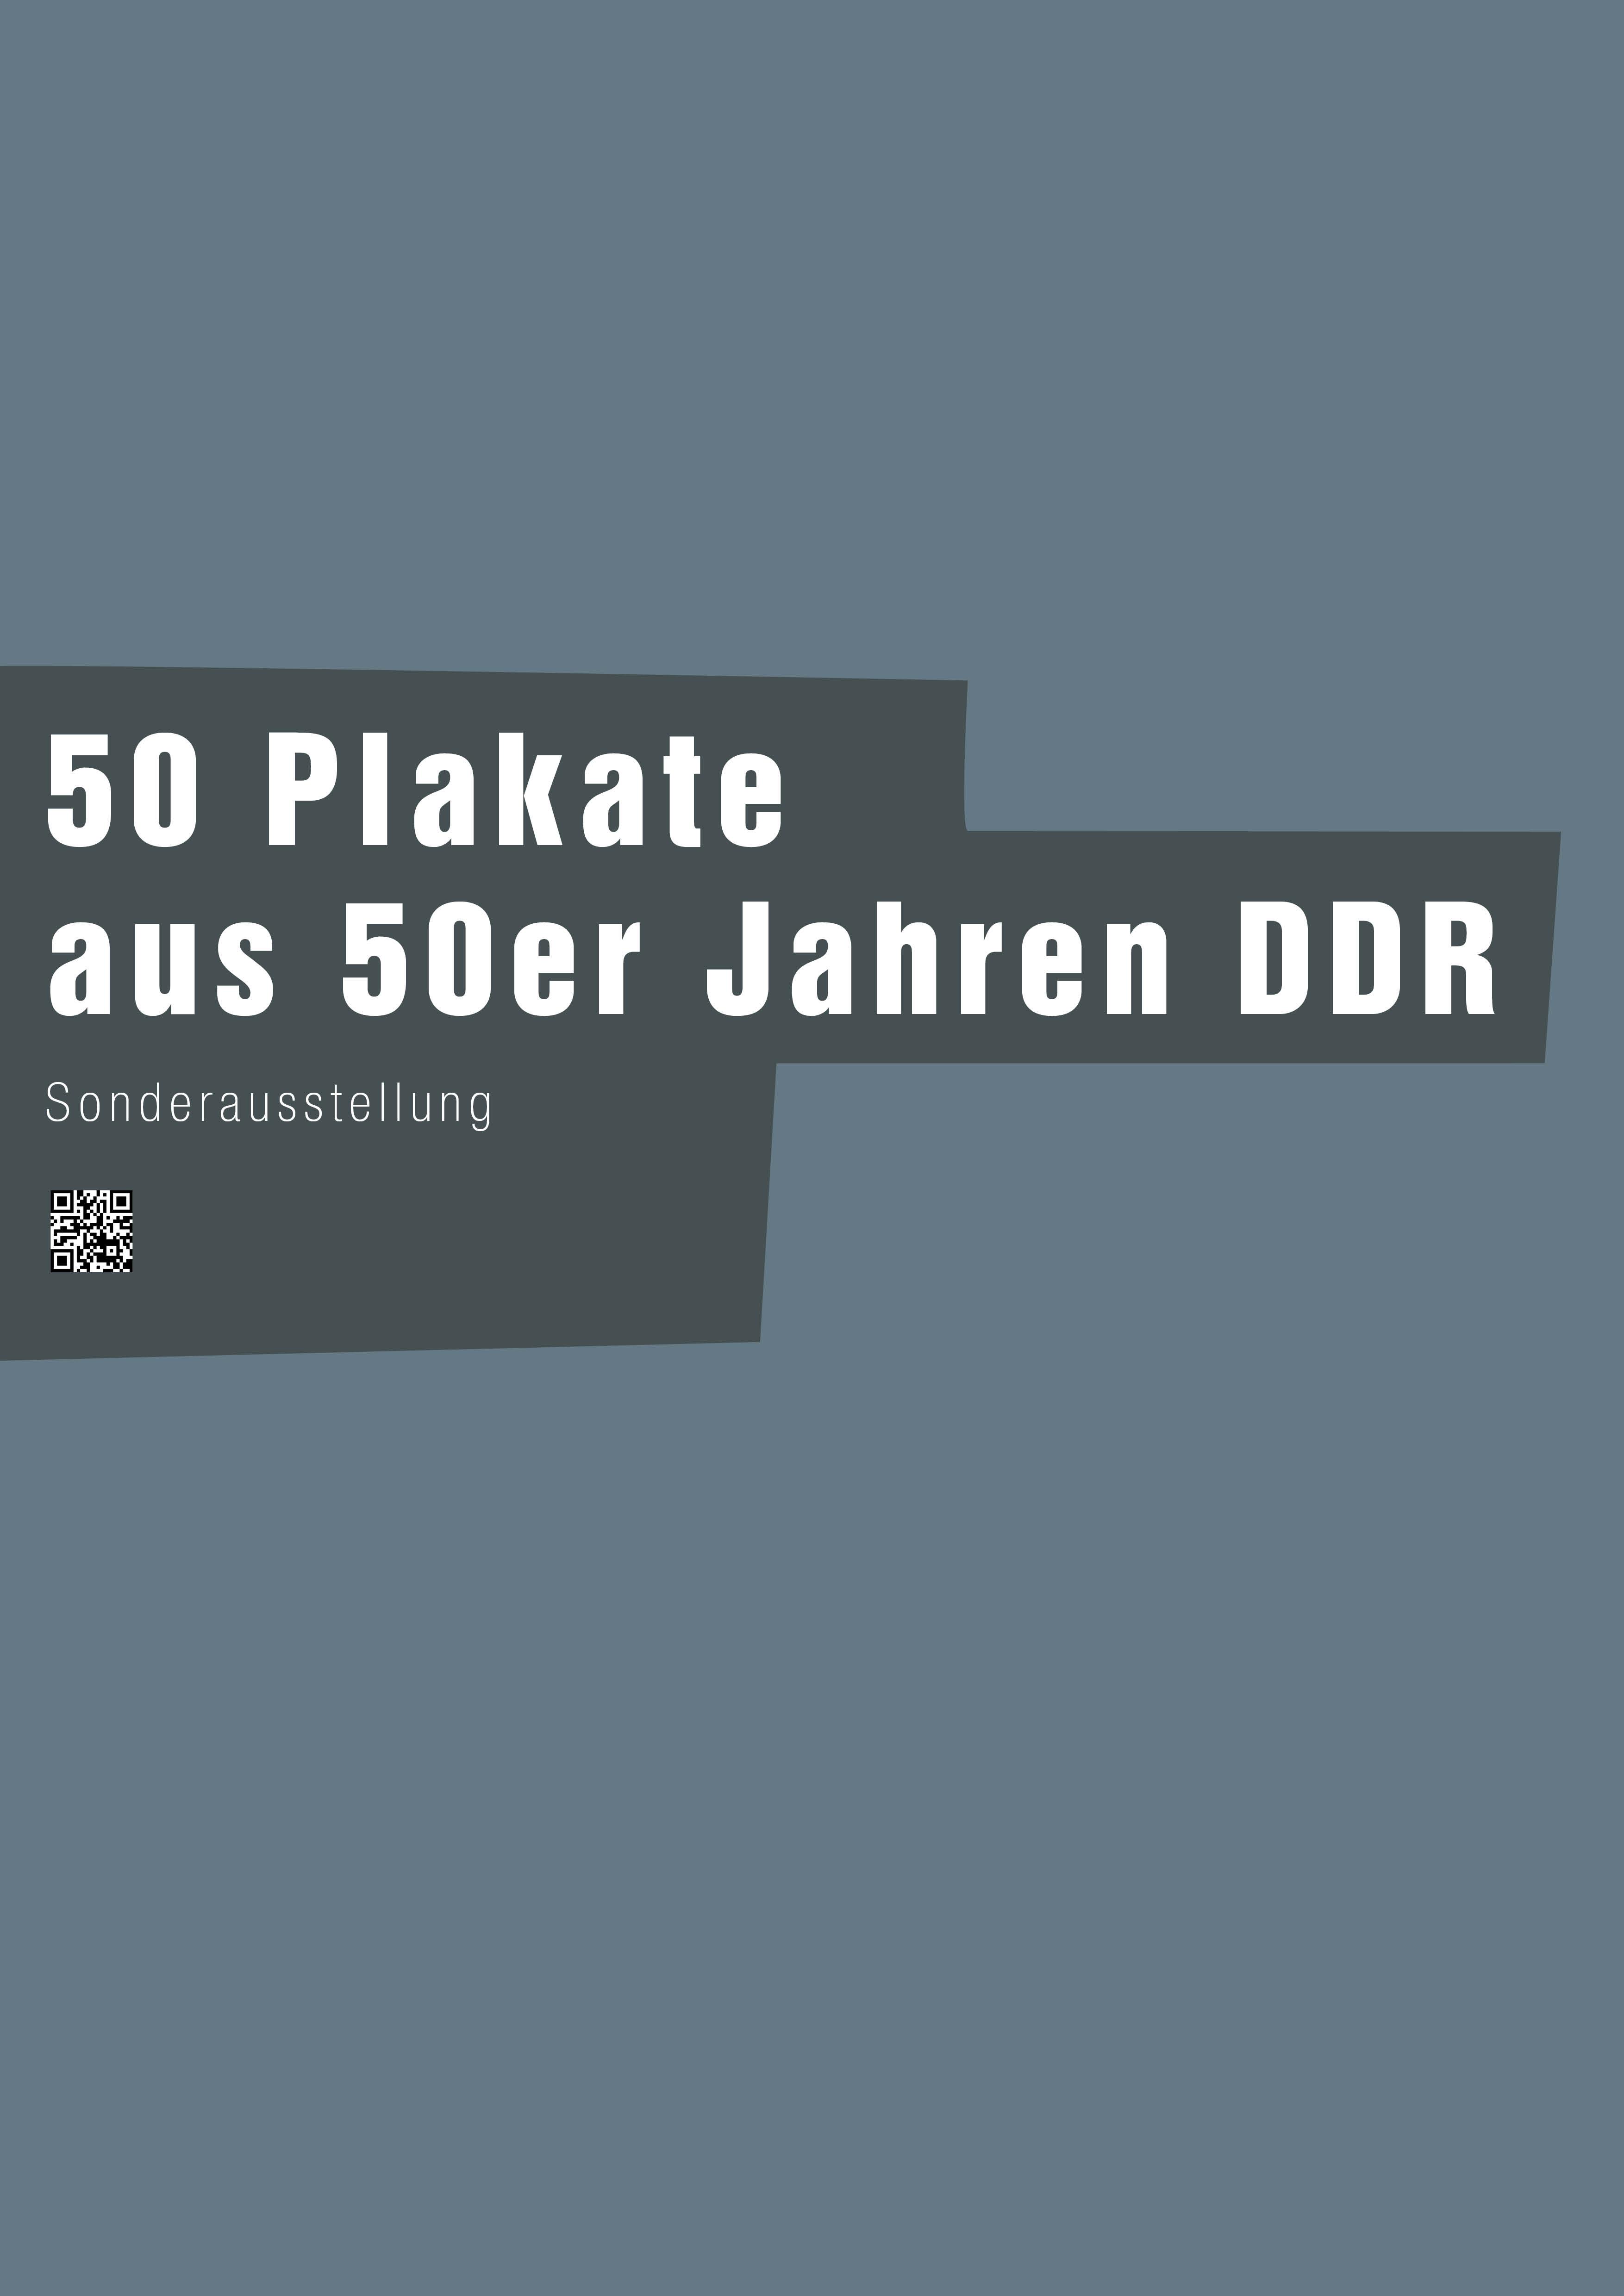 50PlakateausDDRA3